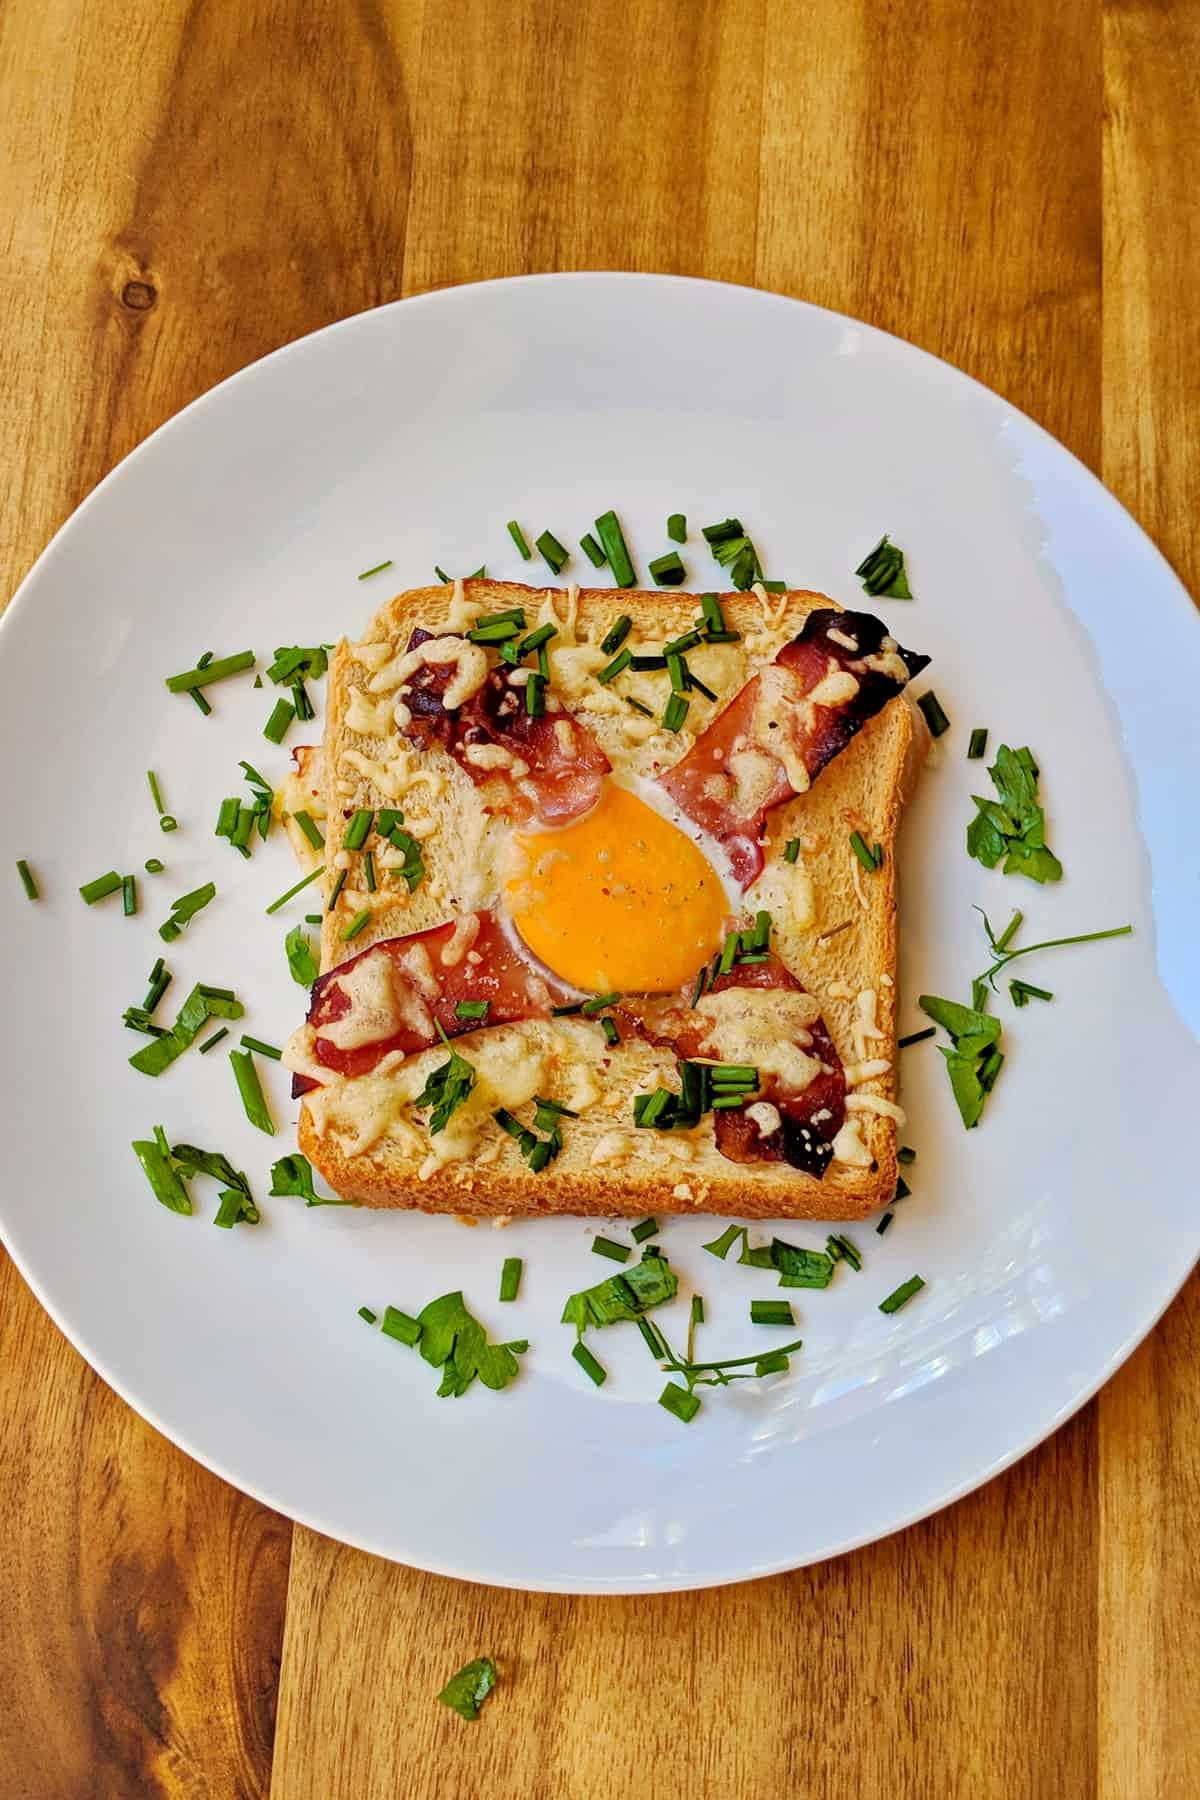 Eine überbackene Toastscheibe auf einem weissen Teller.